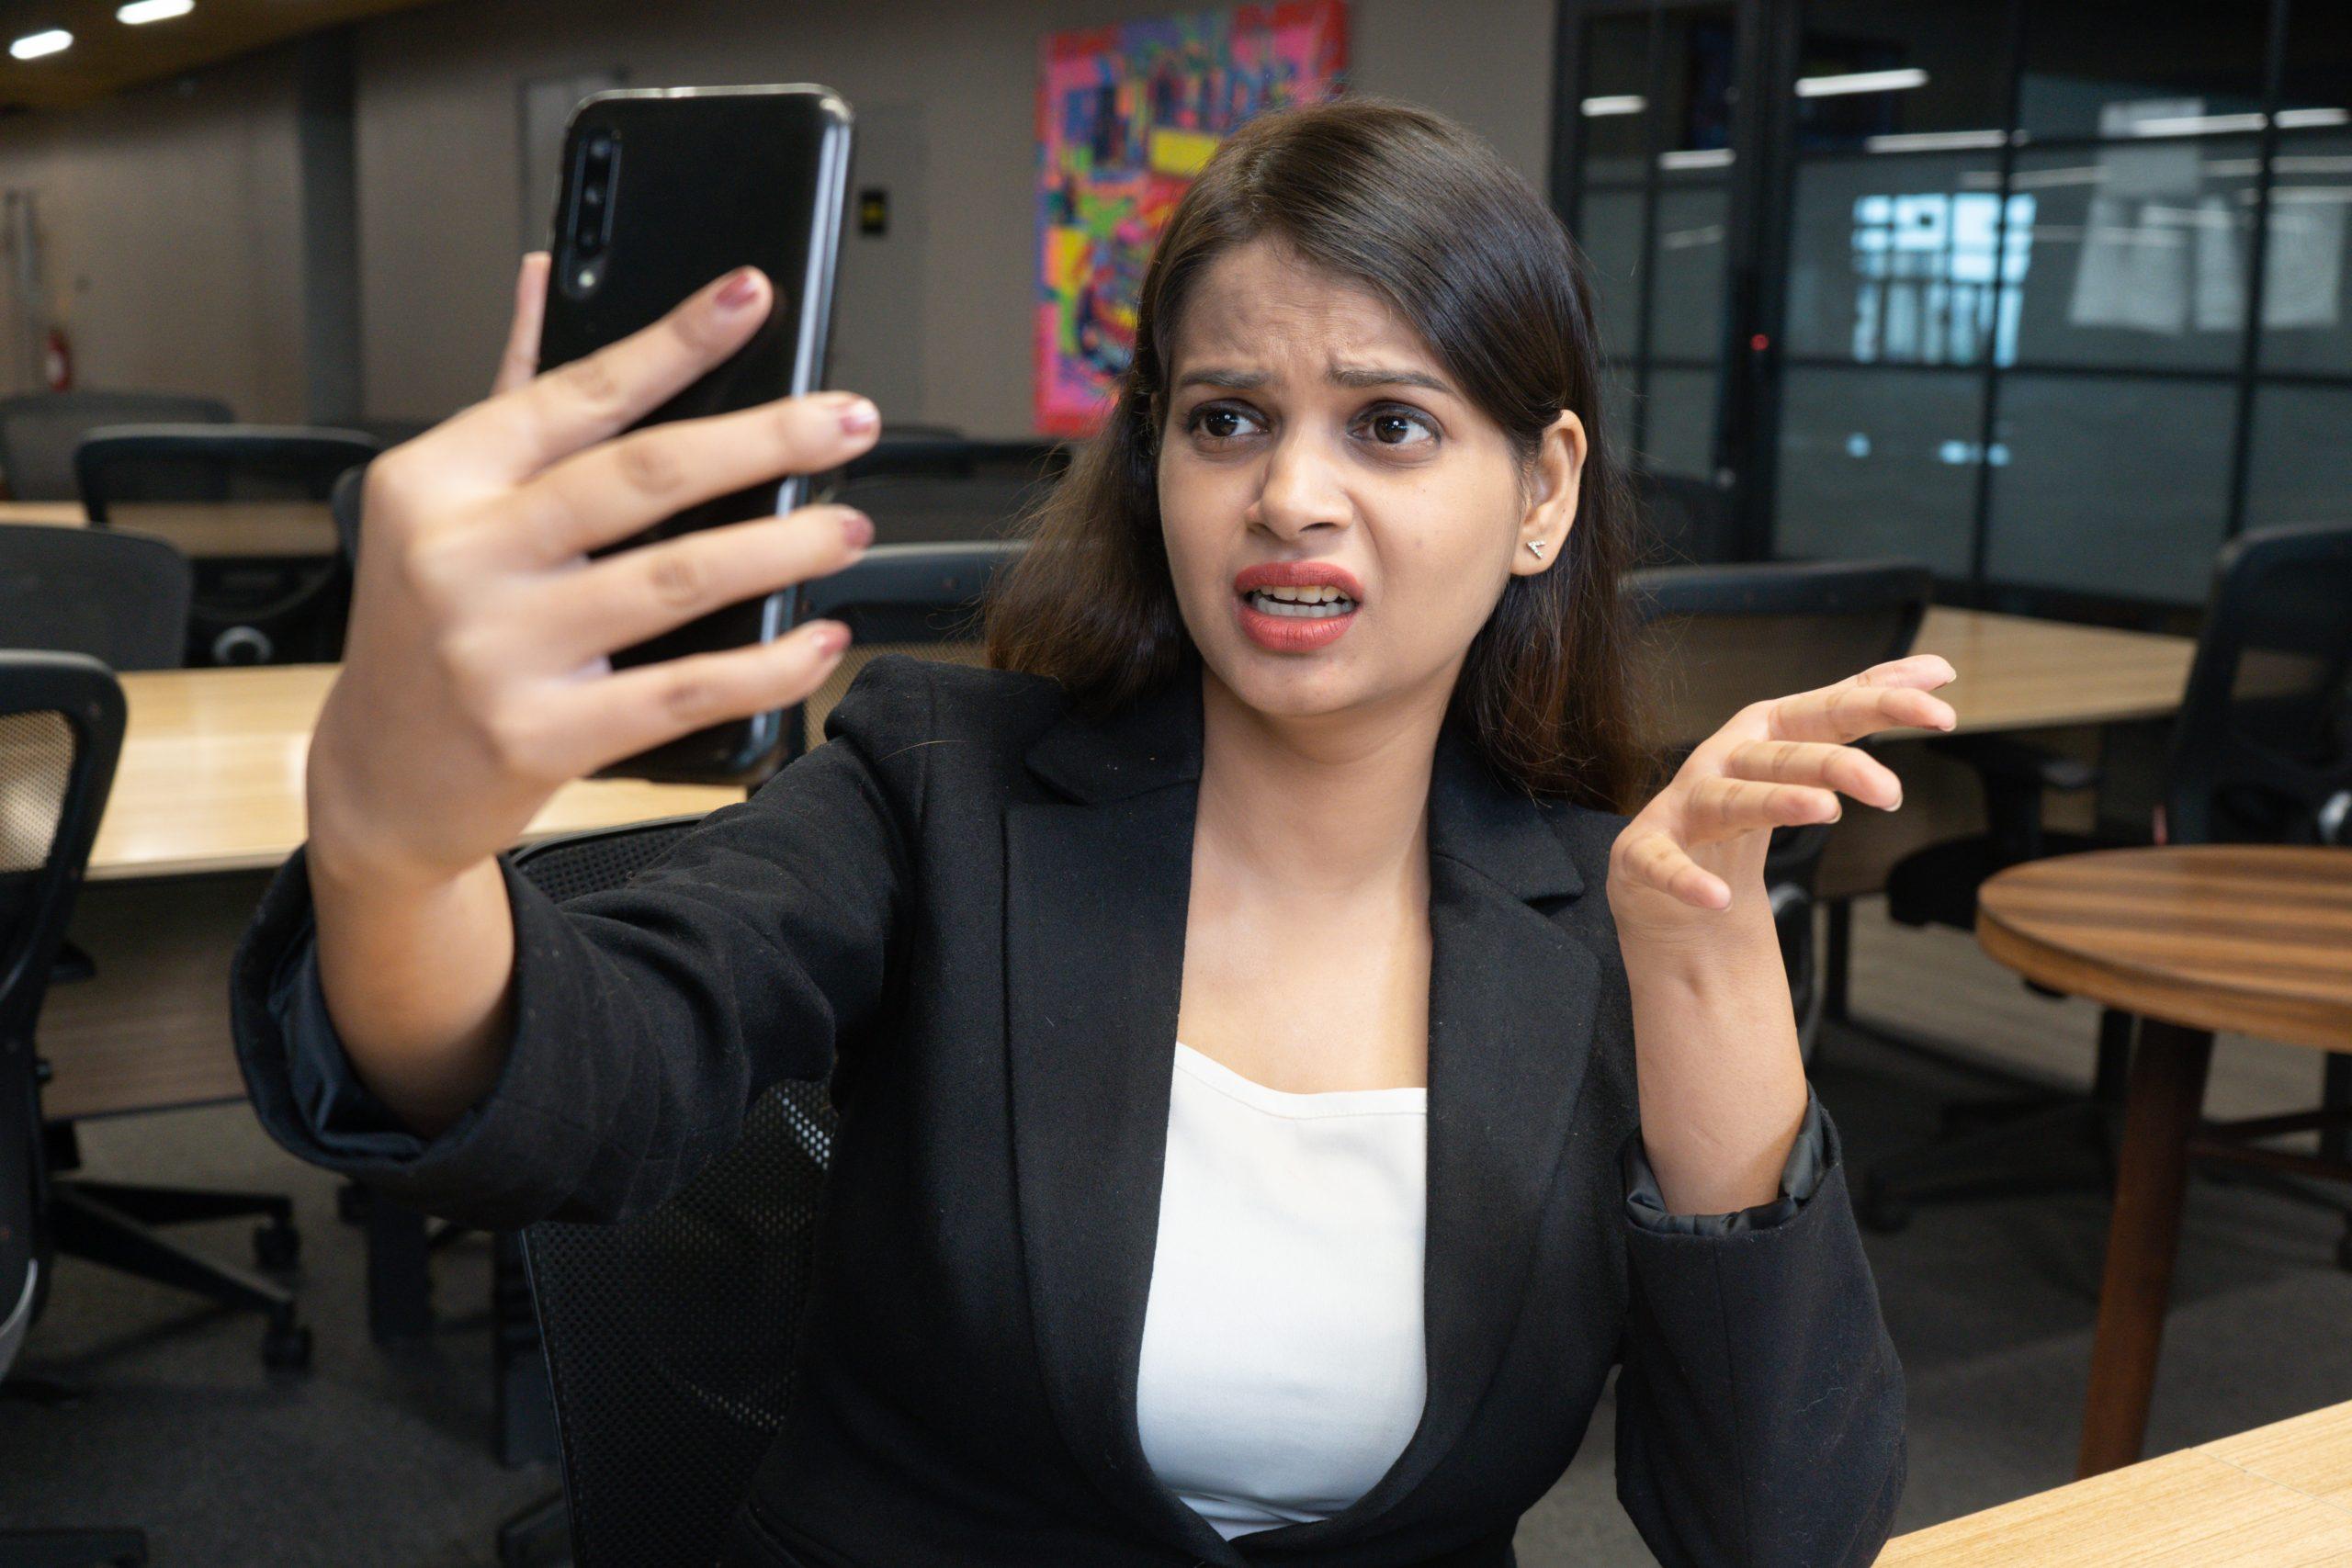 Annoyed girl taking selfie